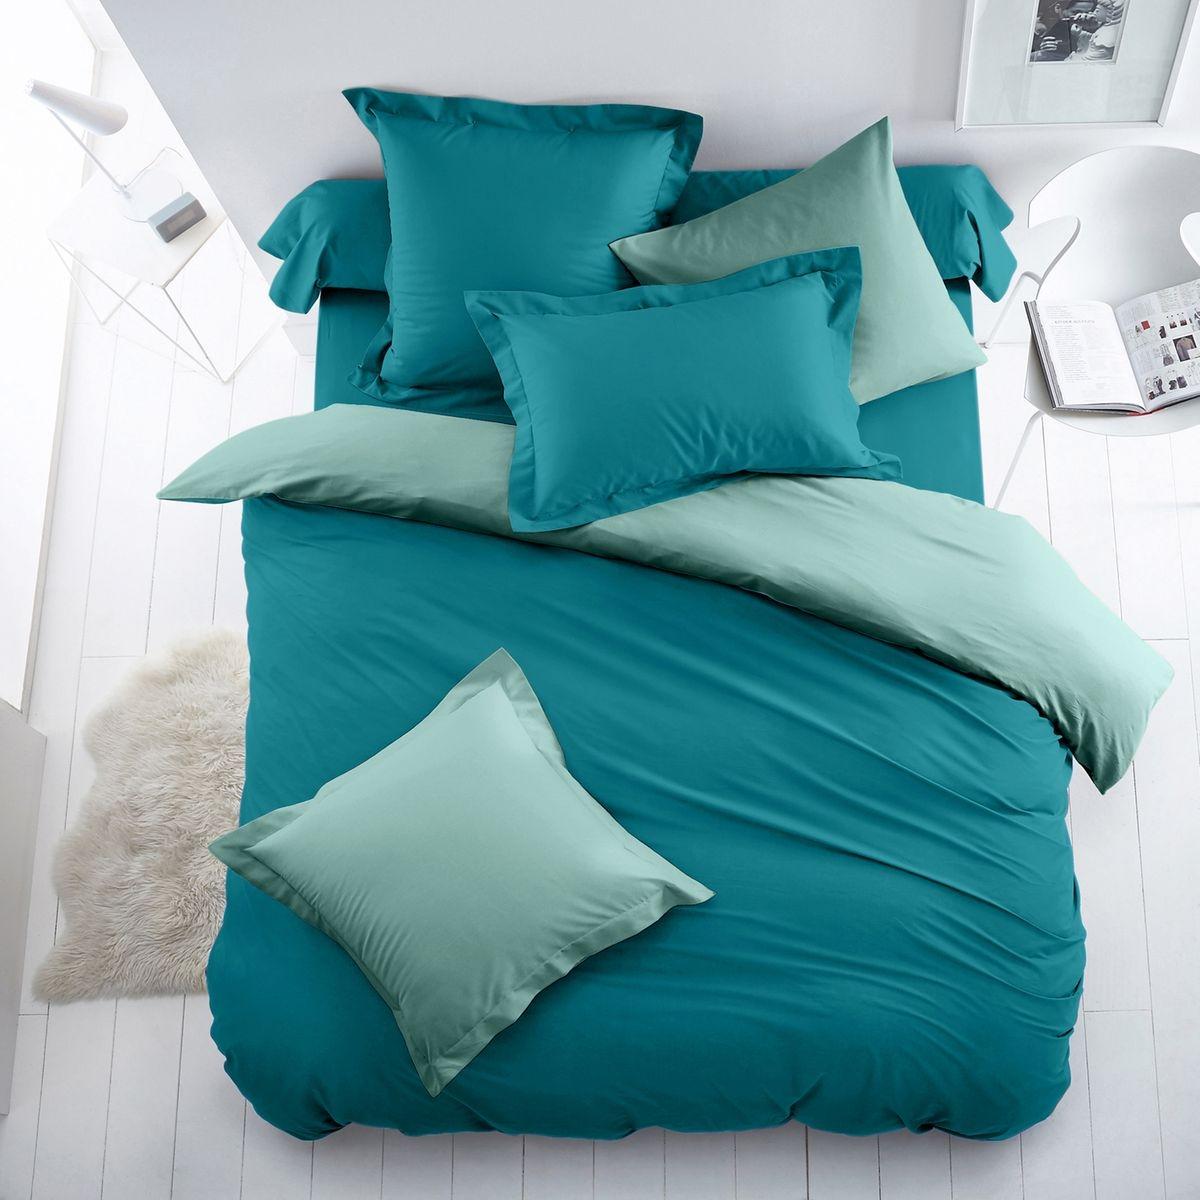 Housse de couette bicolore coton/polyester